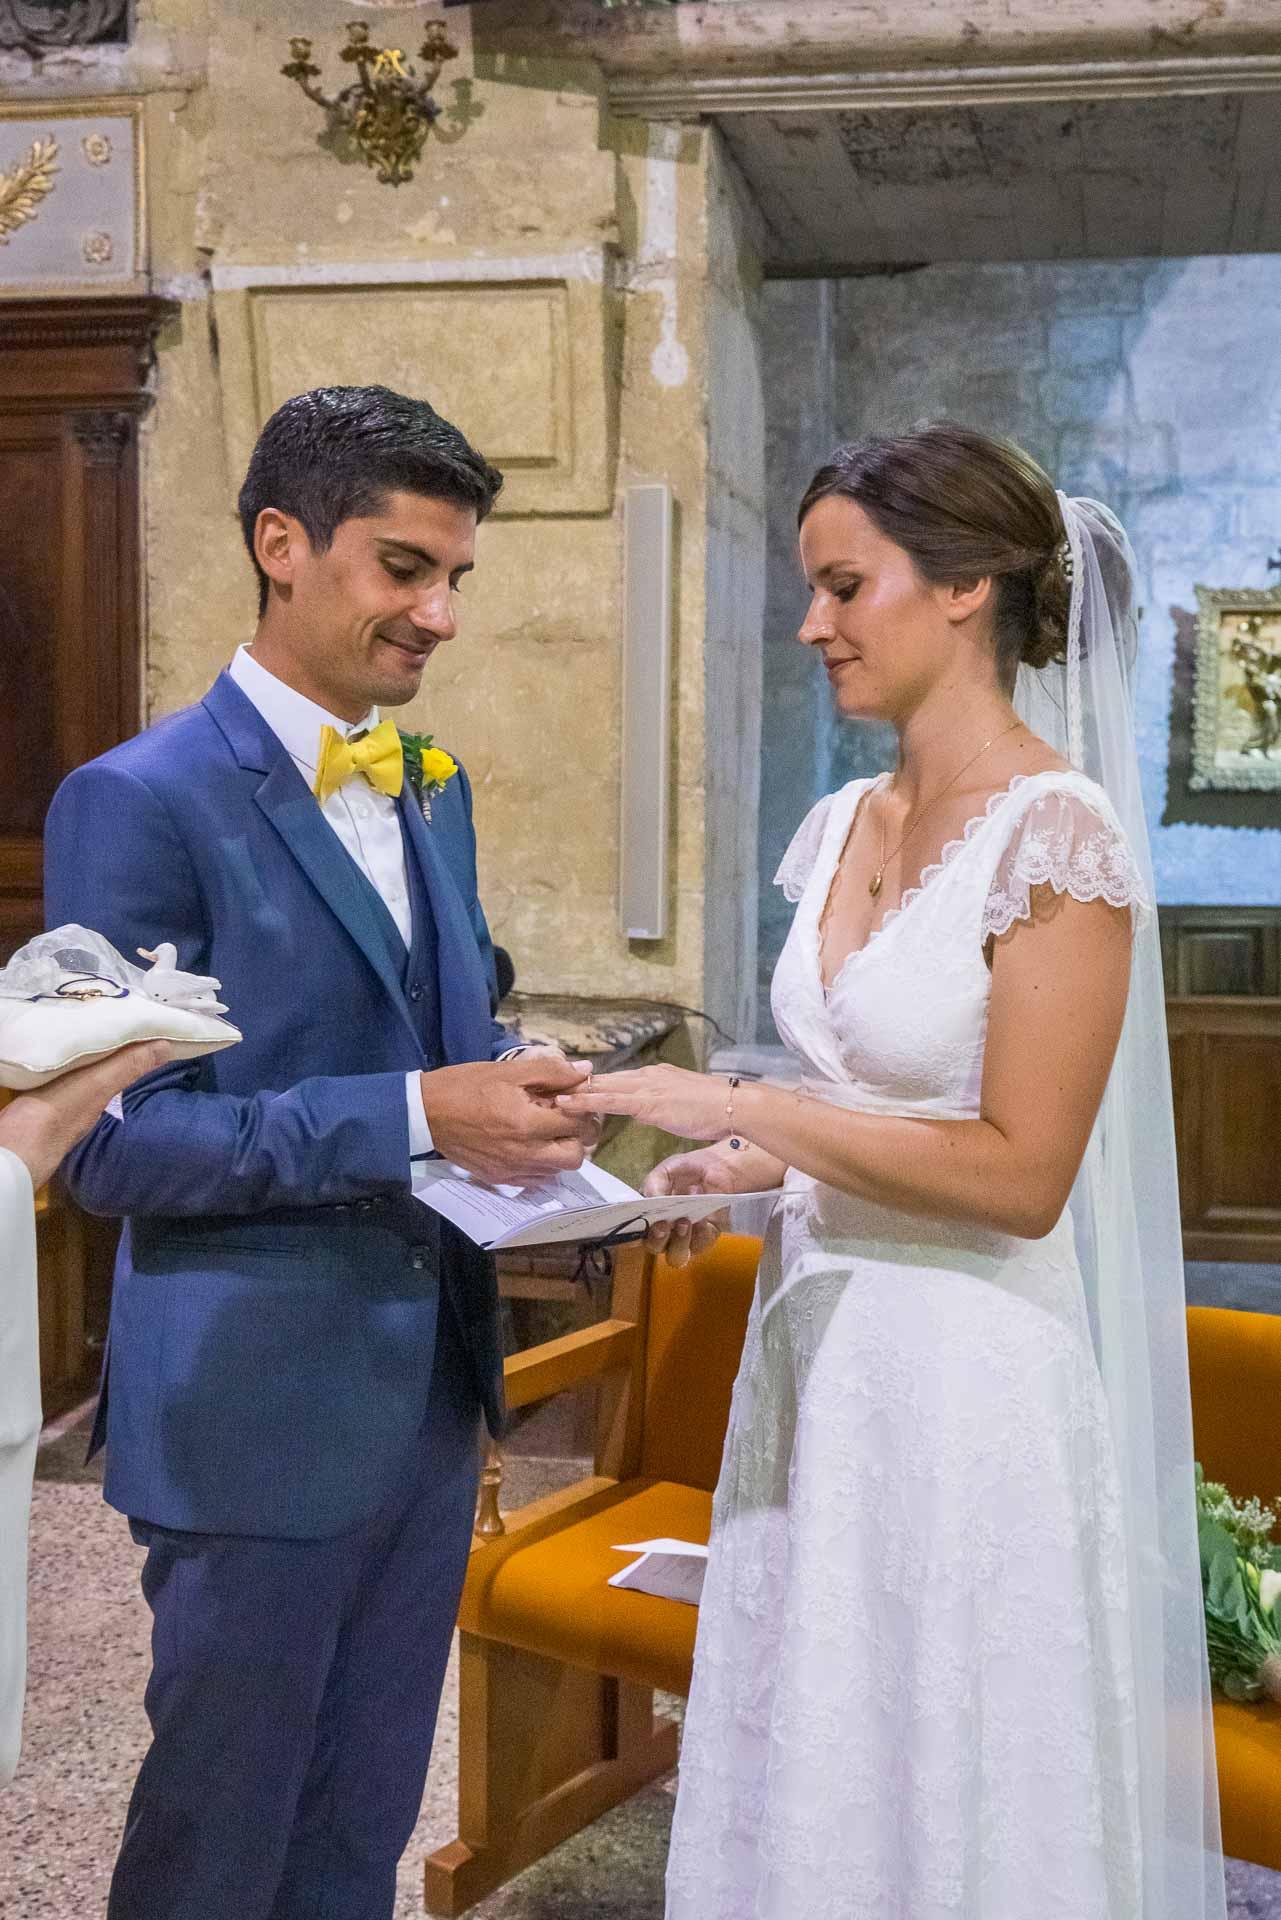 Mariage à Uzès, les mariés échangent leurs alliances